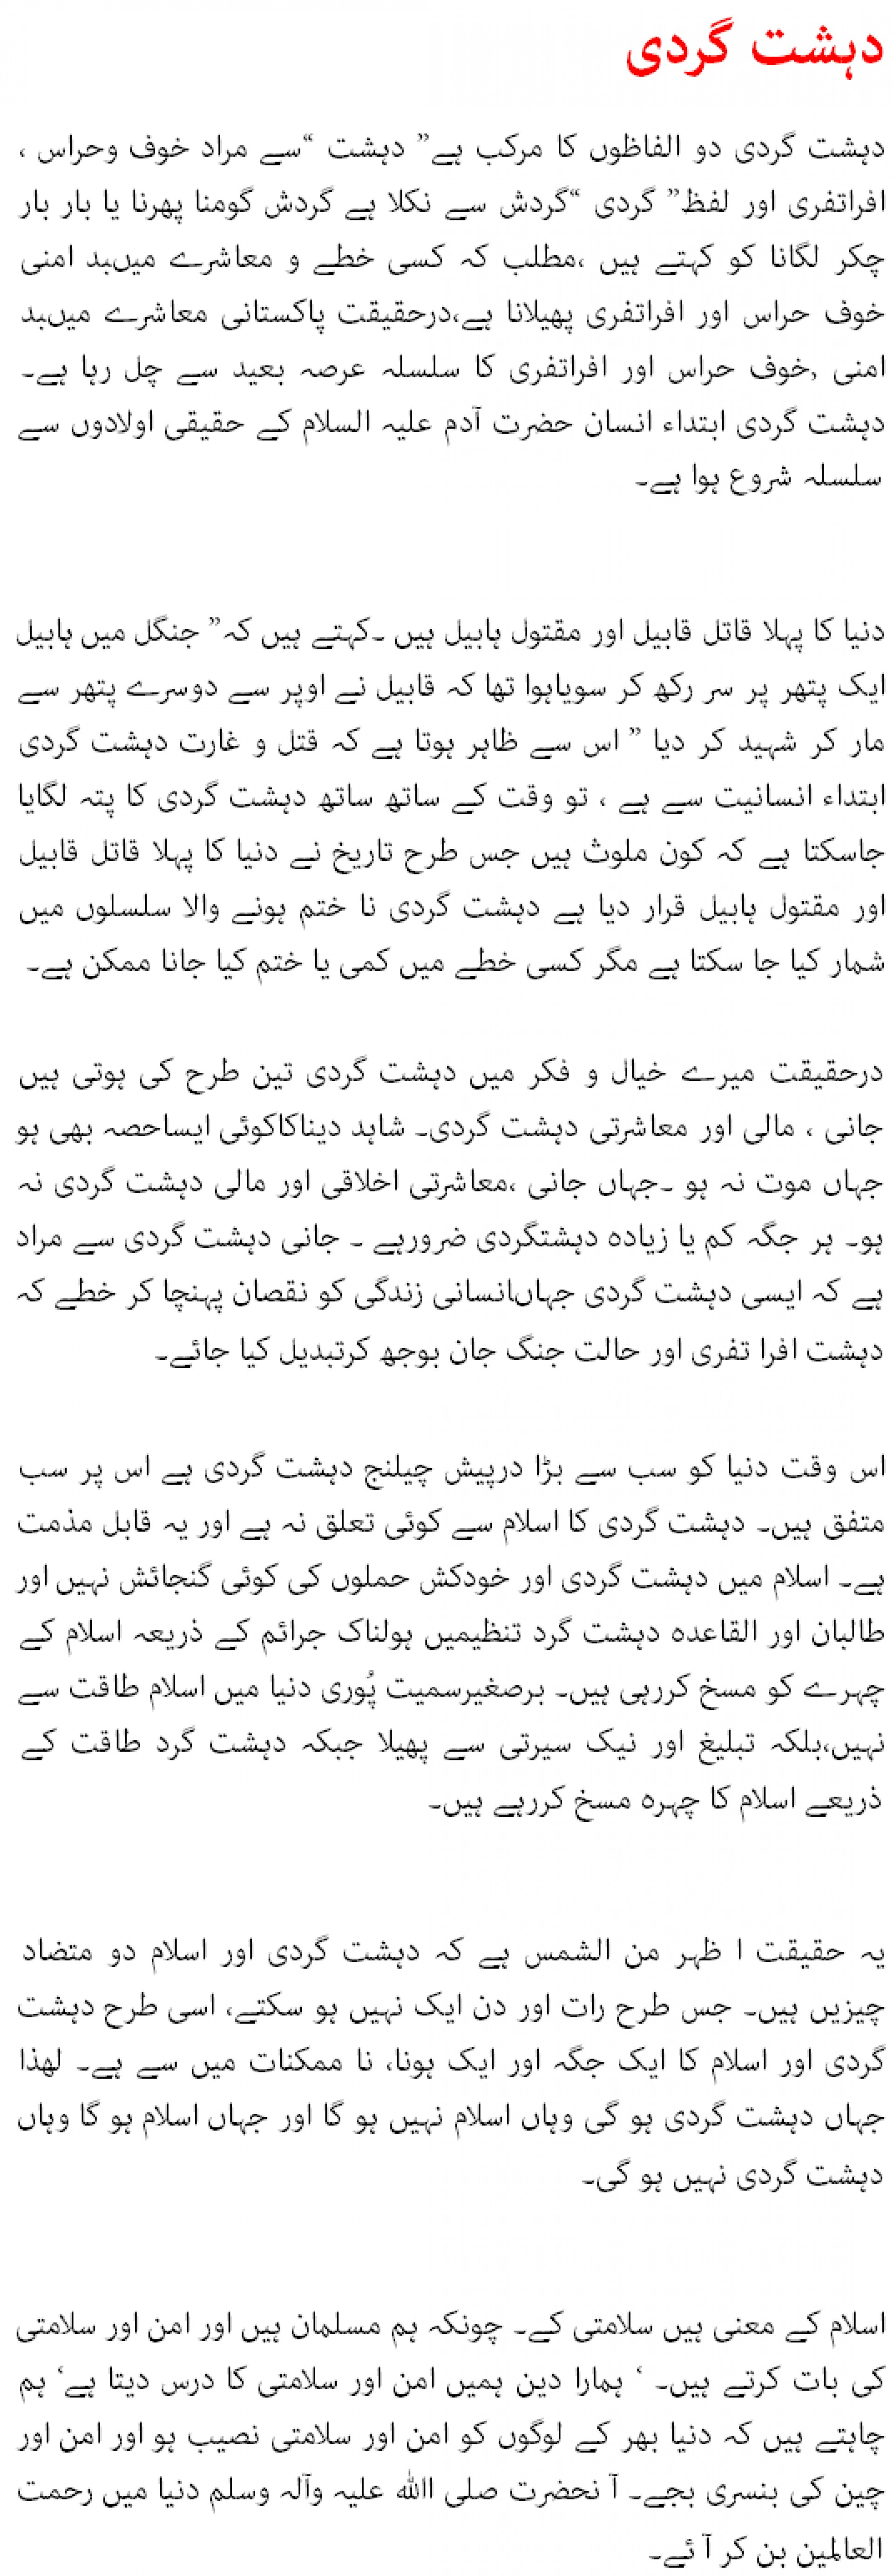 terrorism essay in urdu with headings